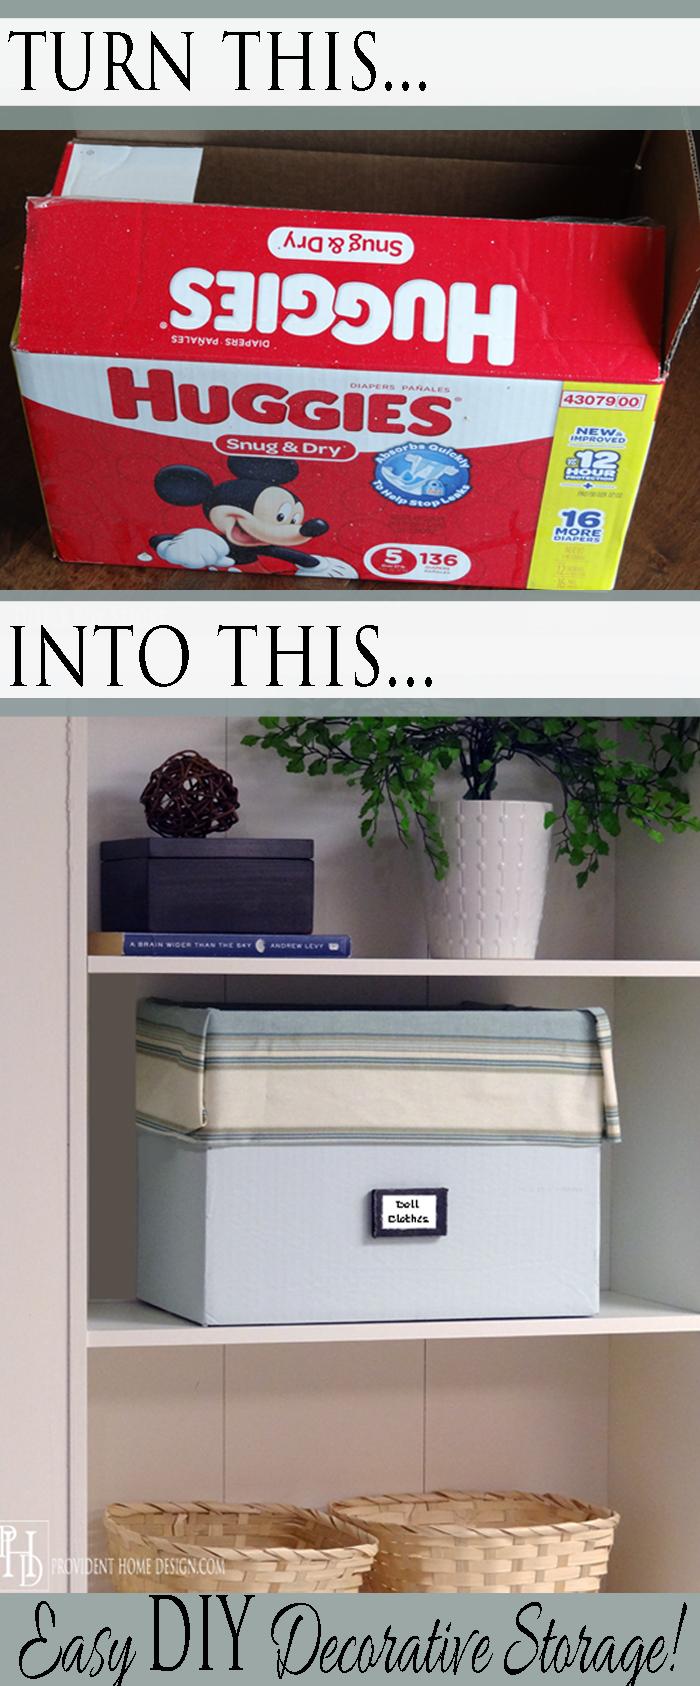 Easy DIY Decorative Storage